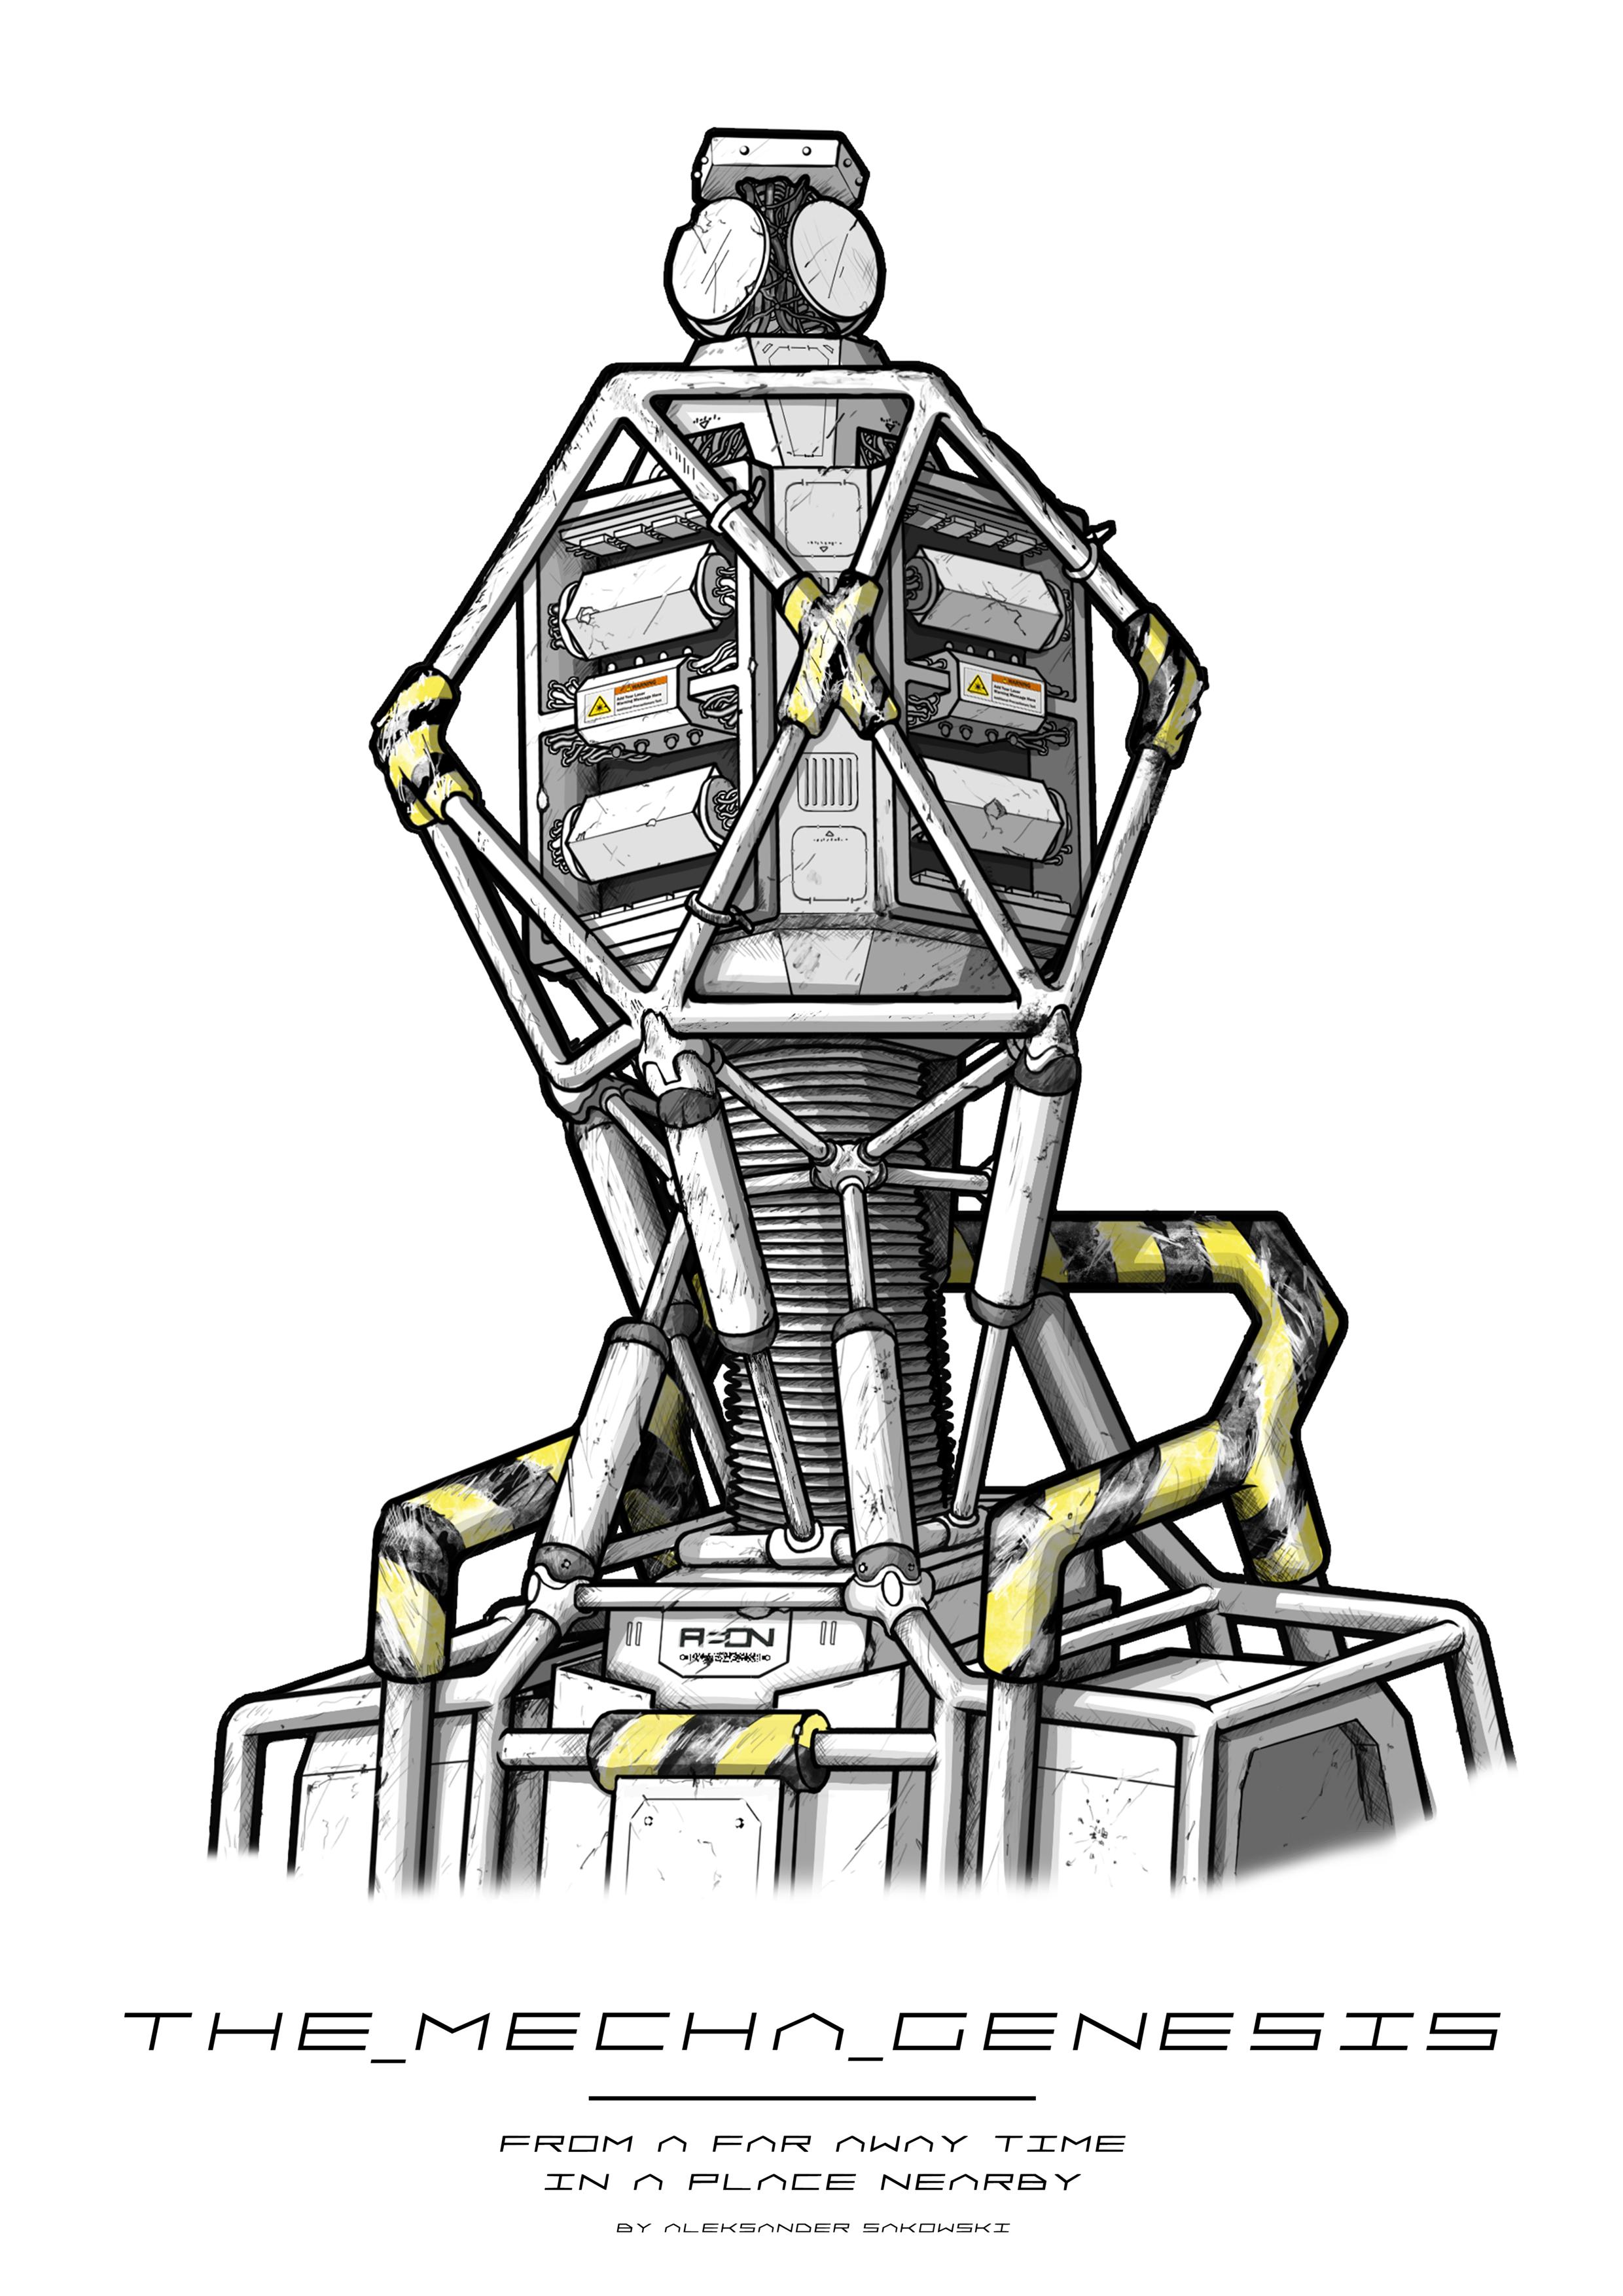 The IA04-500